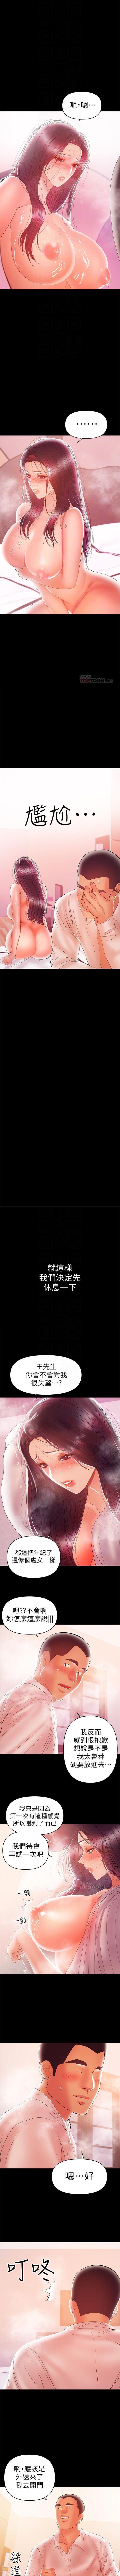 (週6)兼職奶媽 1-31 中文翻譯 (更新中) 145